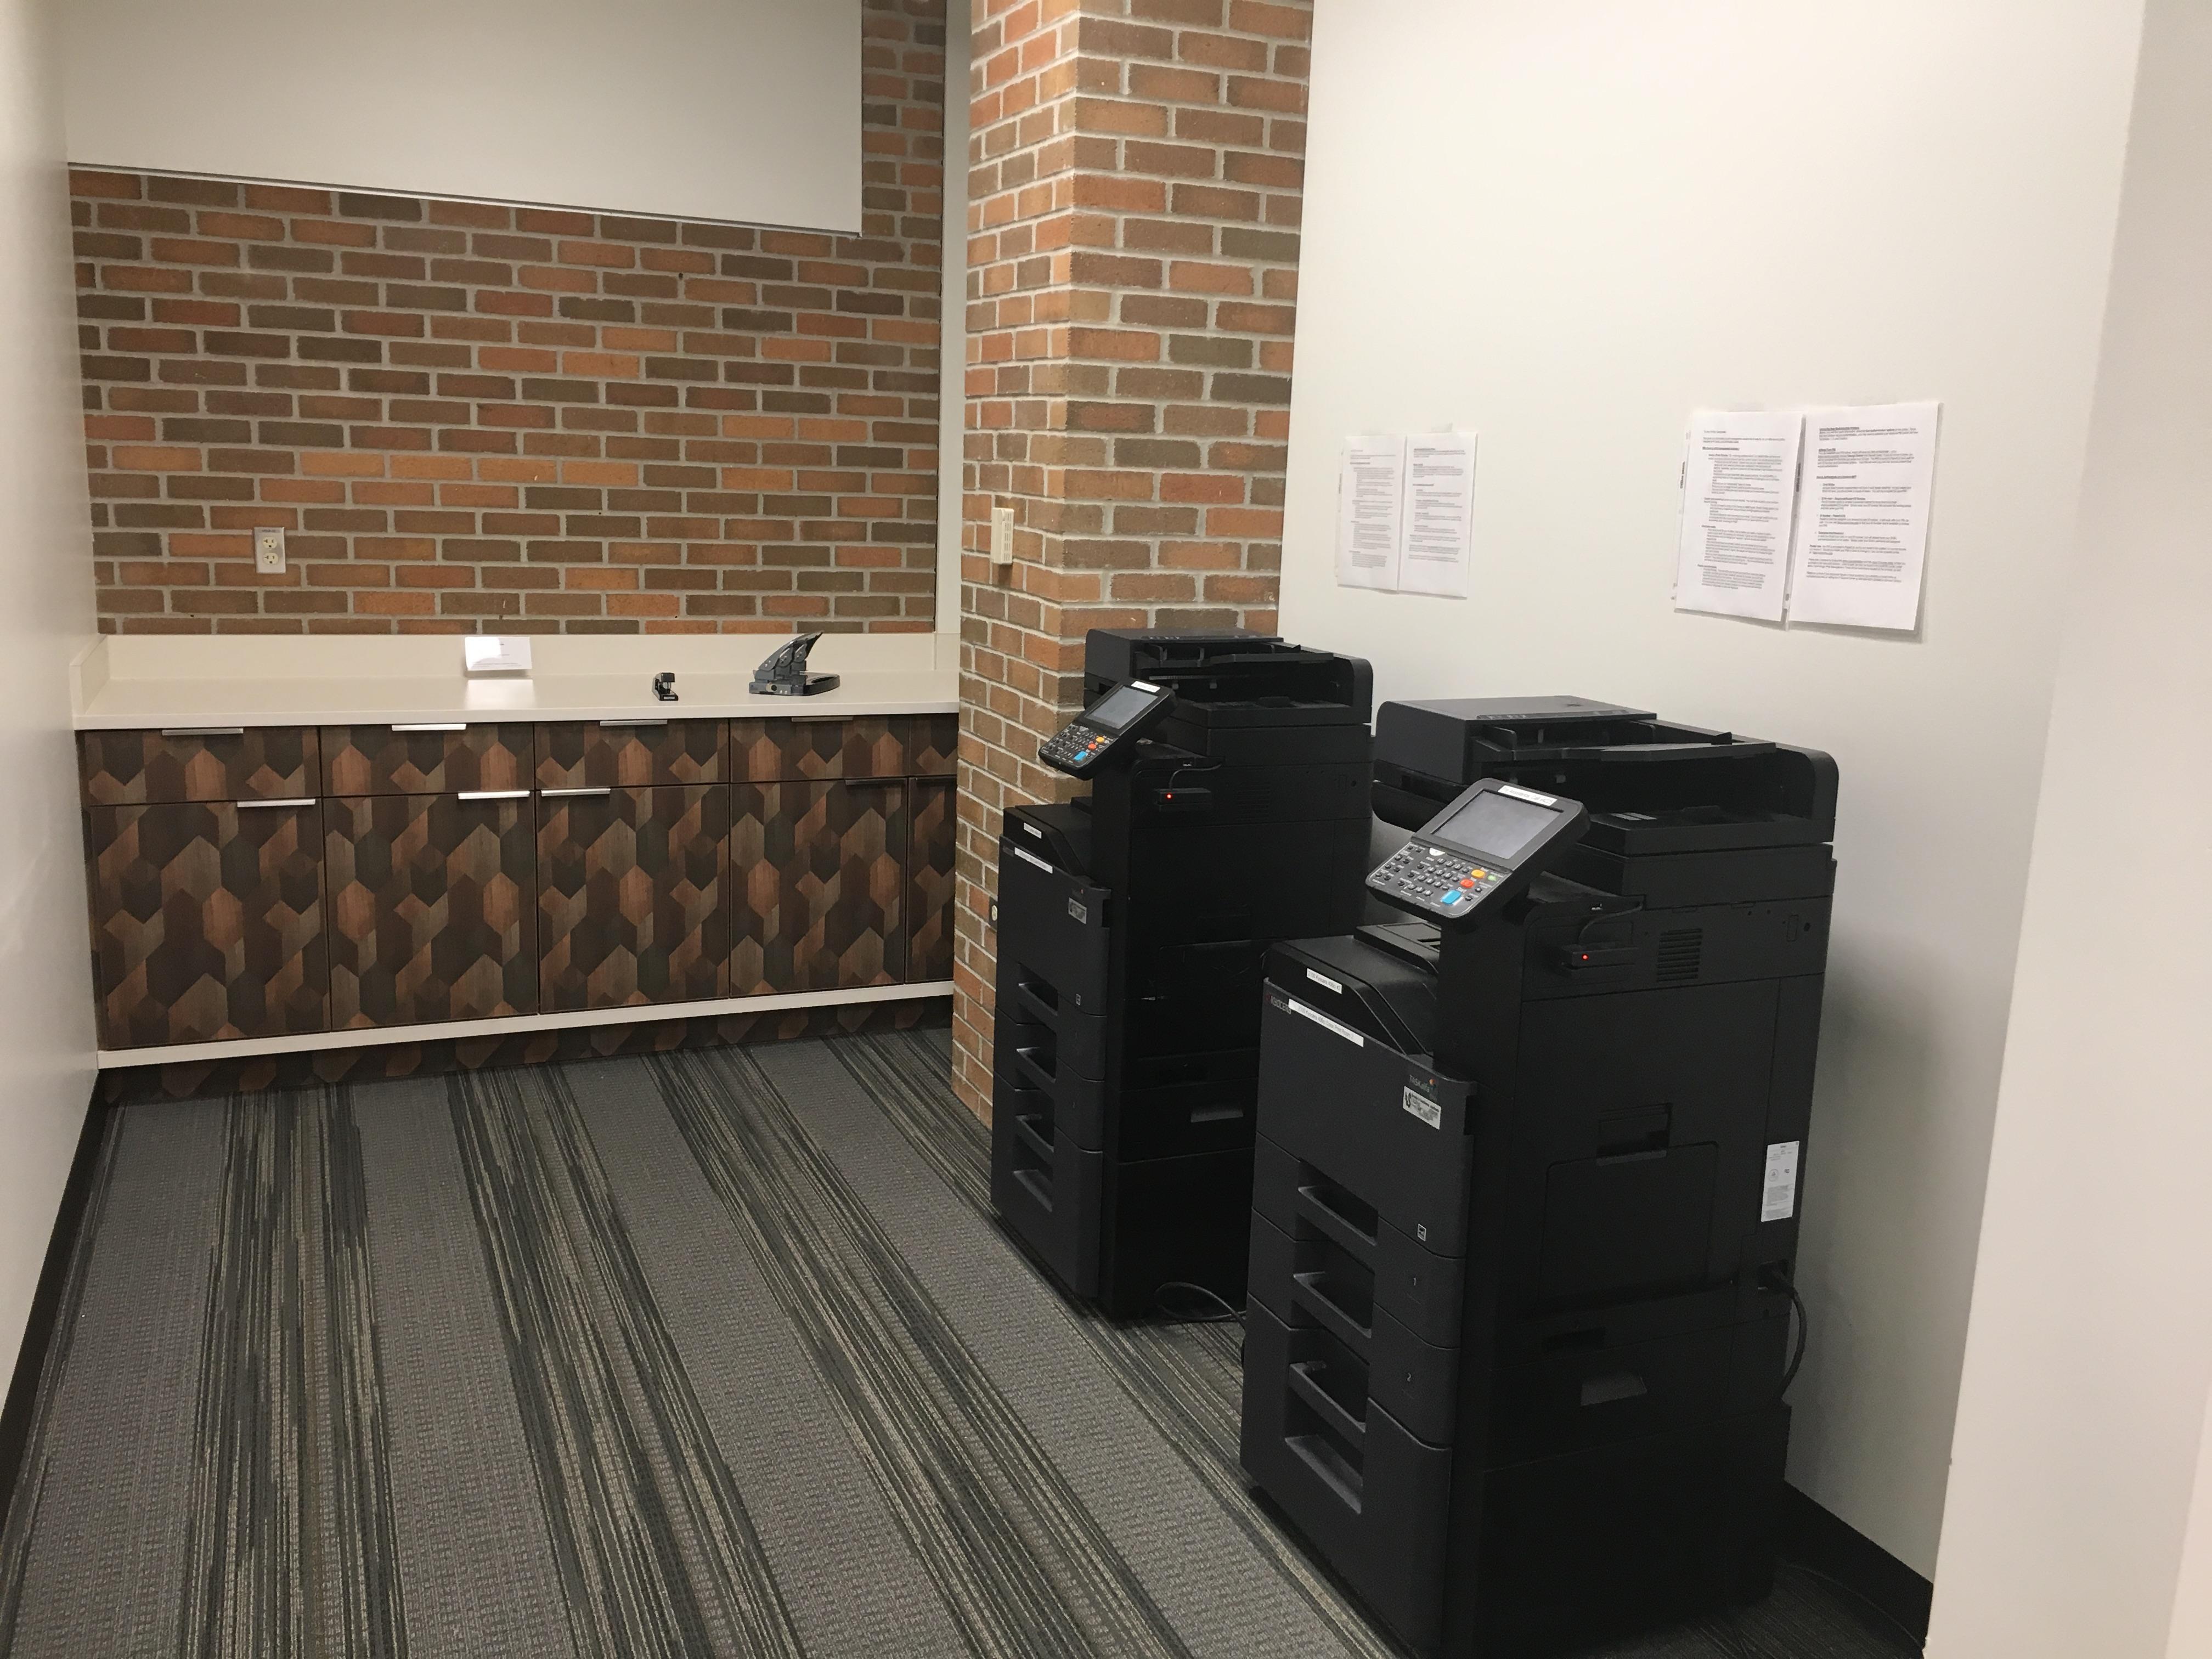 Print room, 1st floor